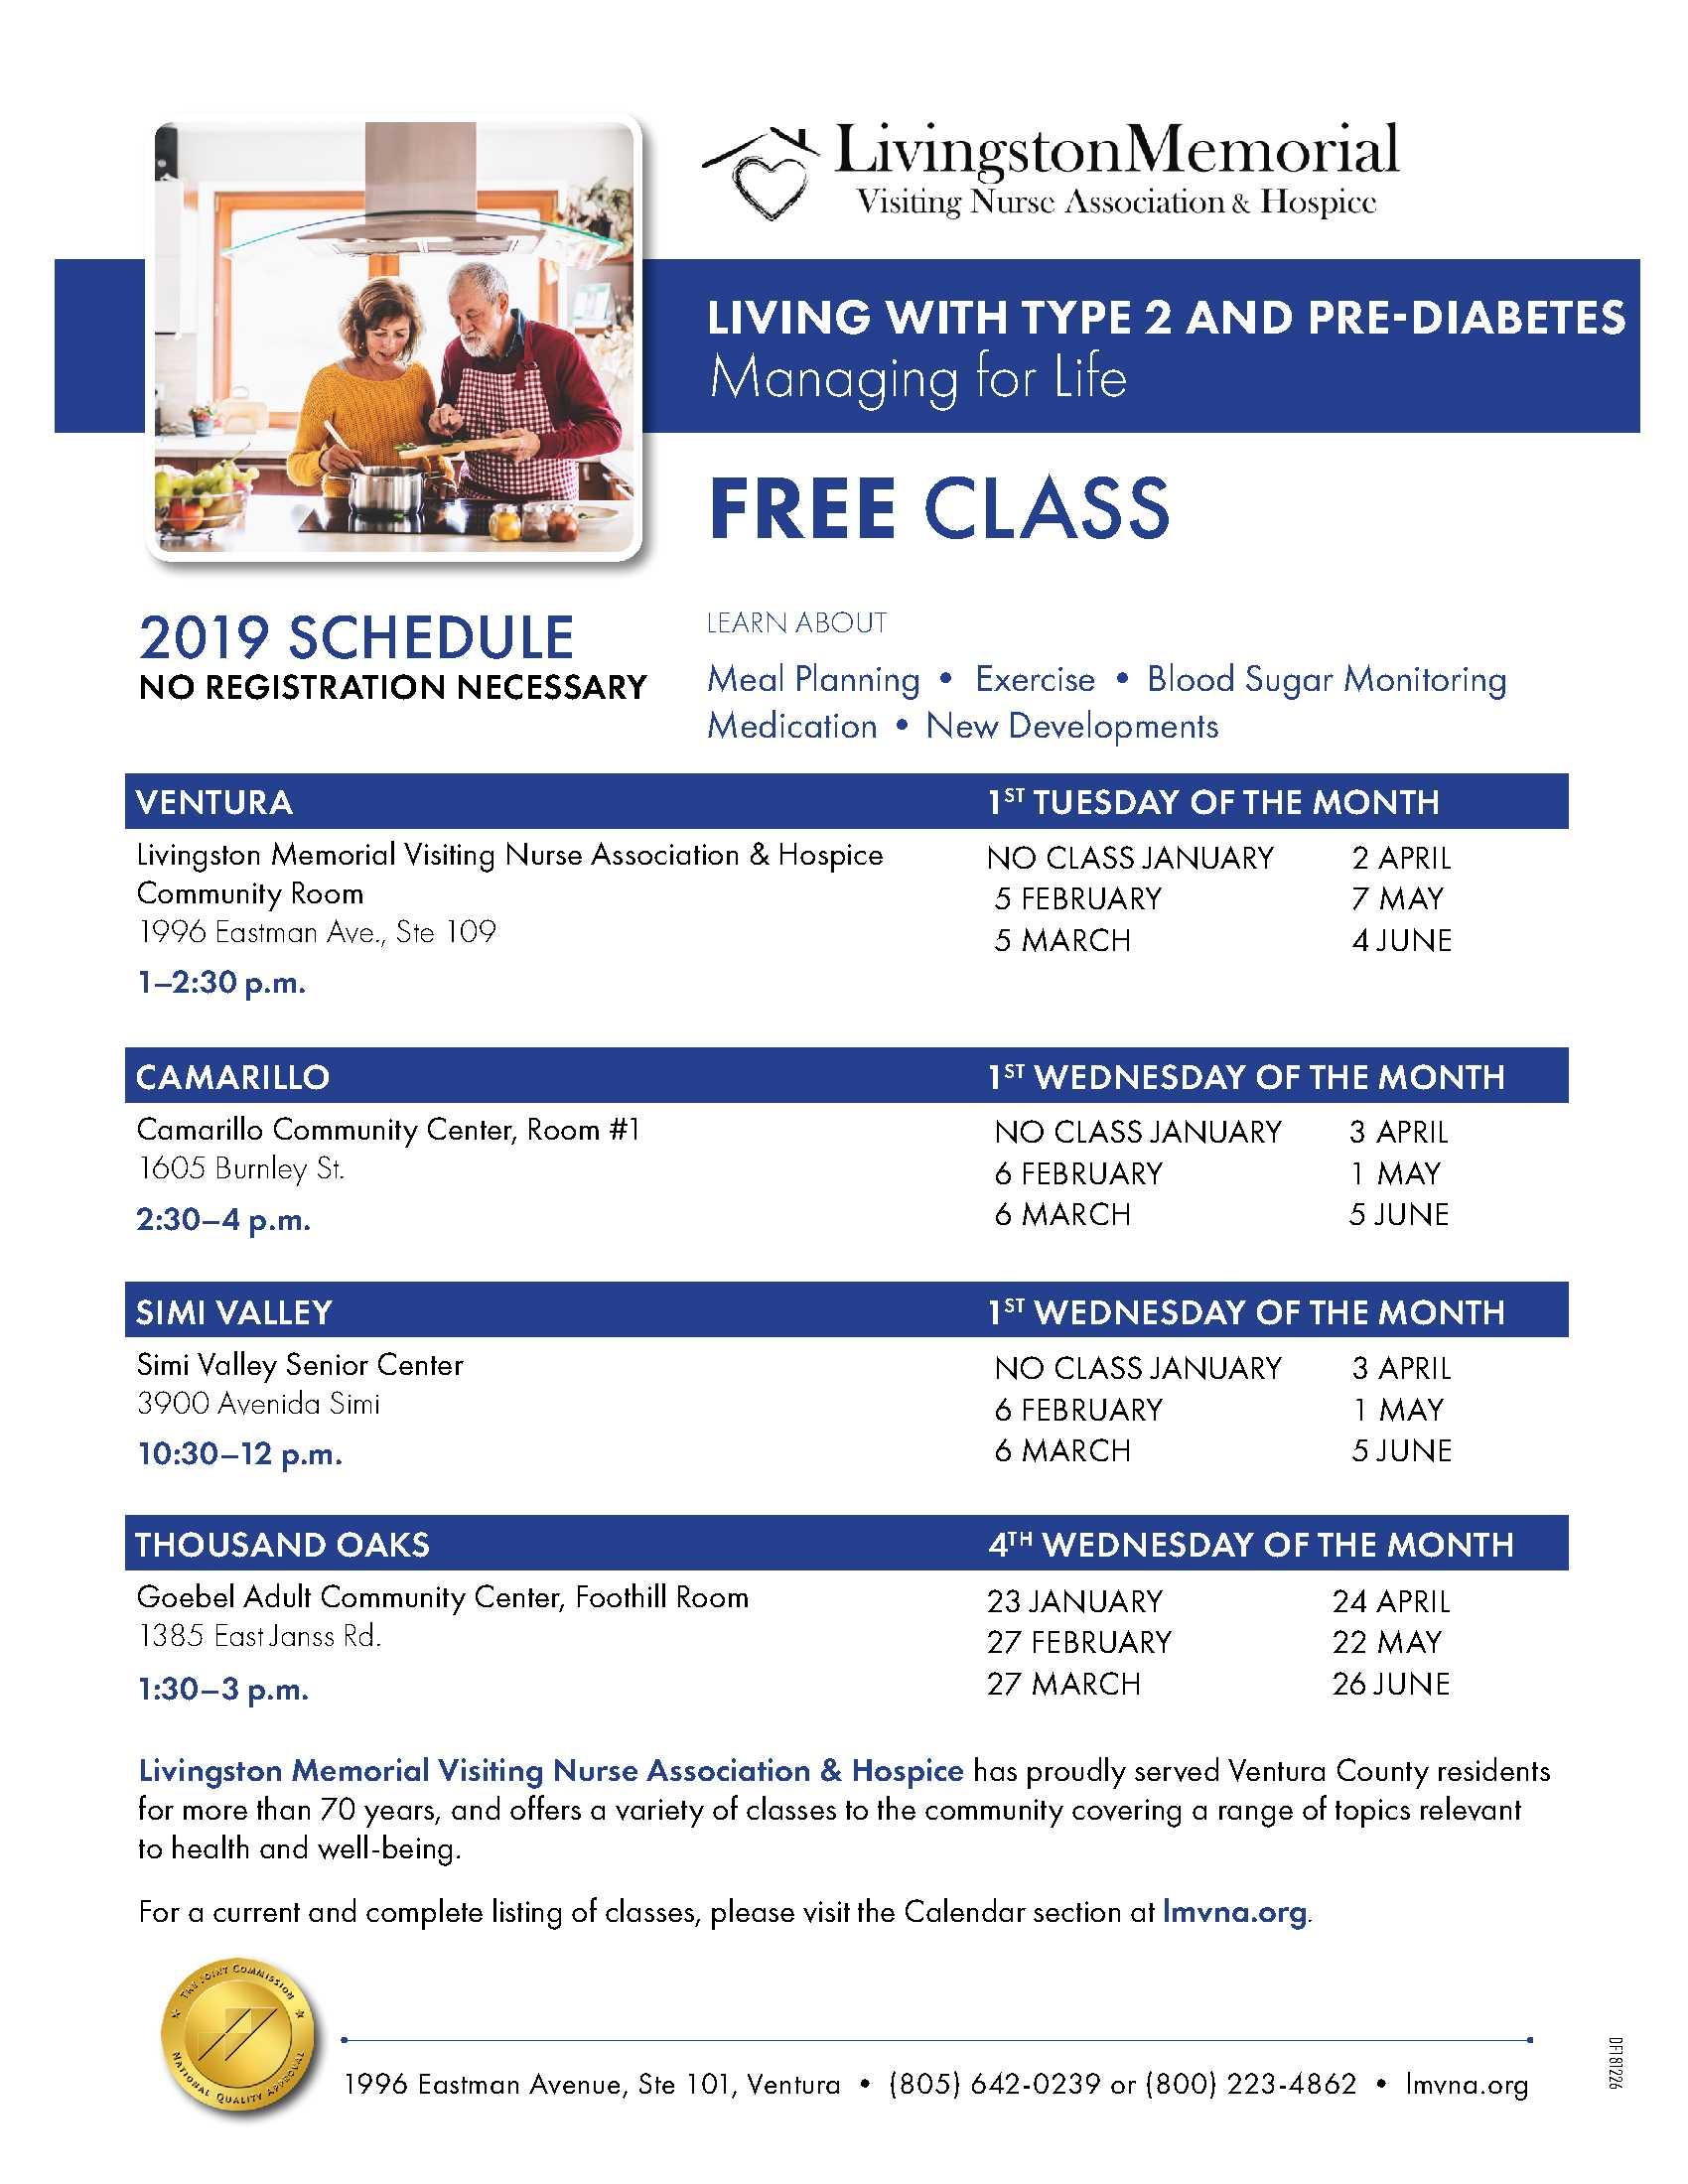 2019 Schedule LMVNA Diabetes Monthly Classes Countywide